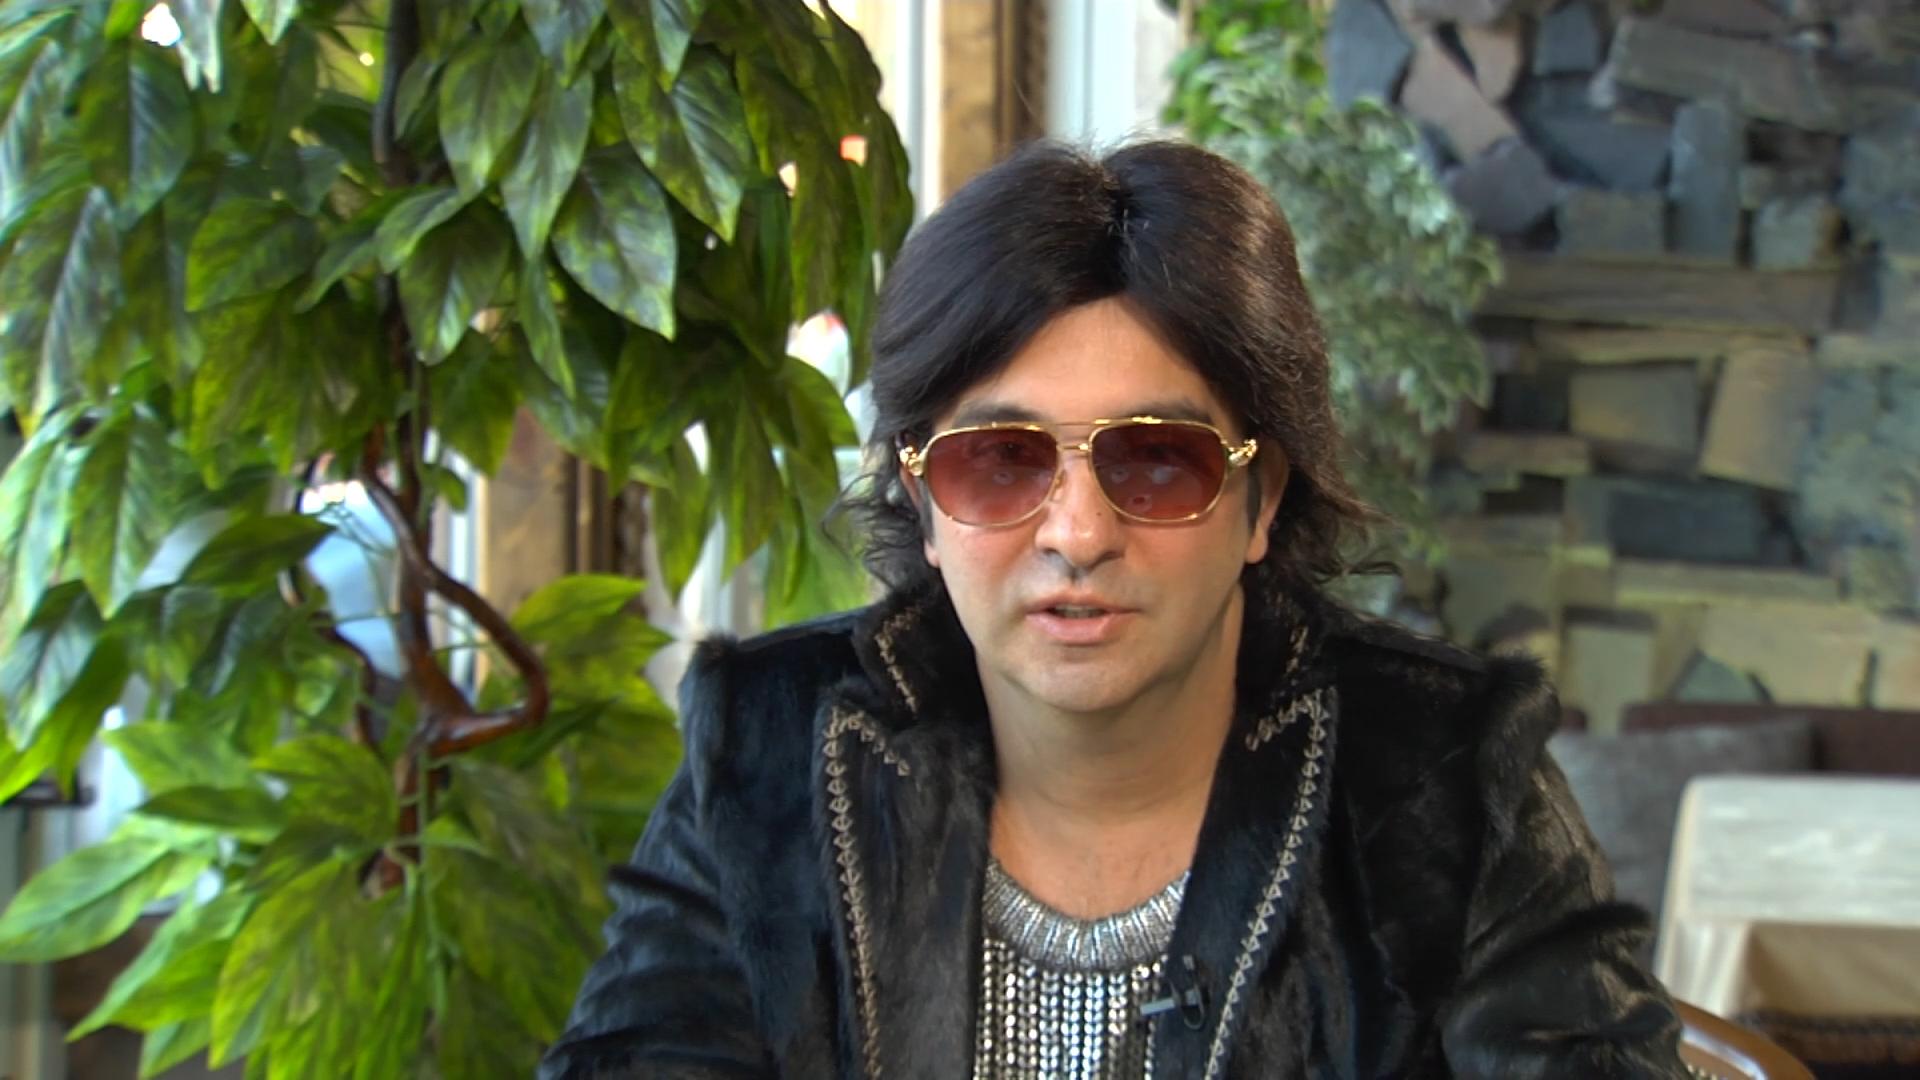 Певец Александр Марцинкевич: у меня был застой, я не мог писать ничего